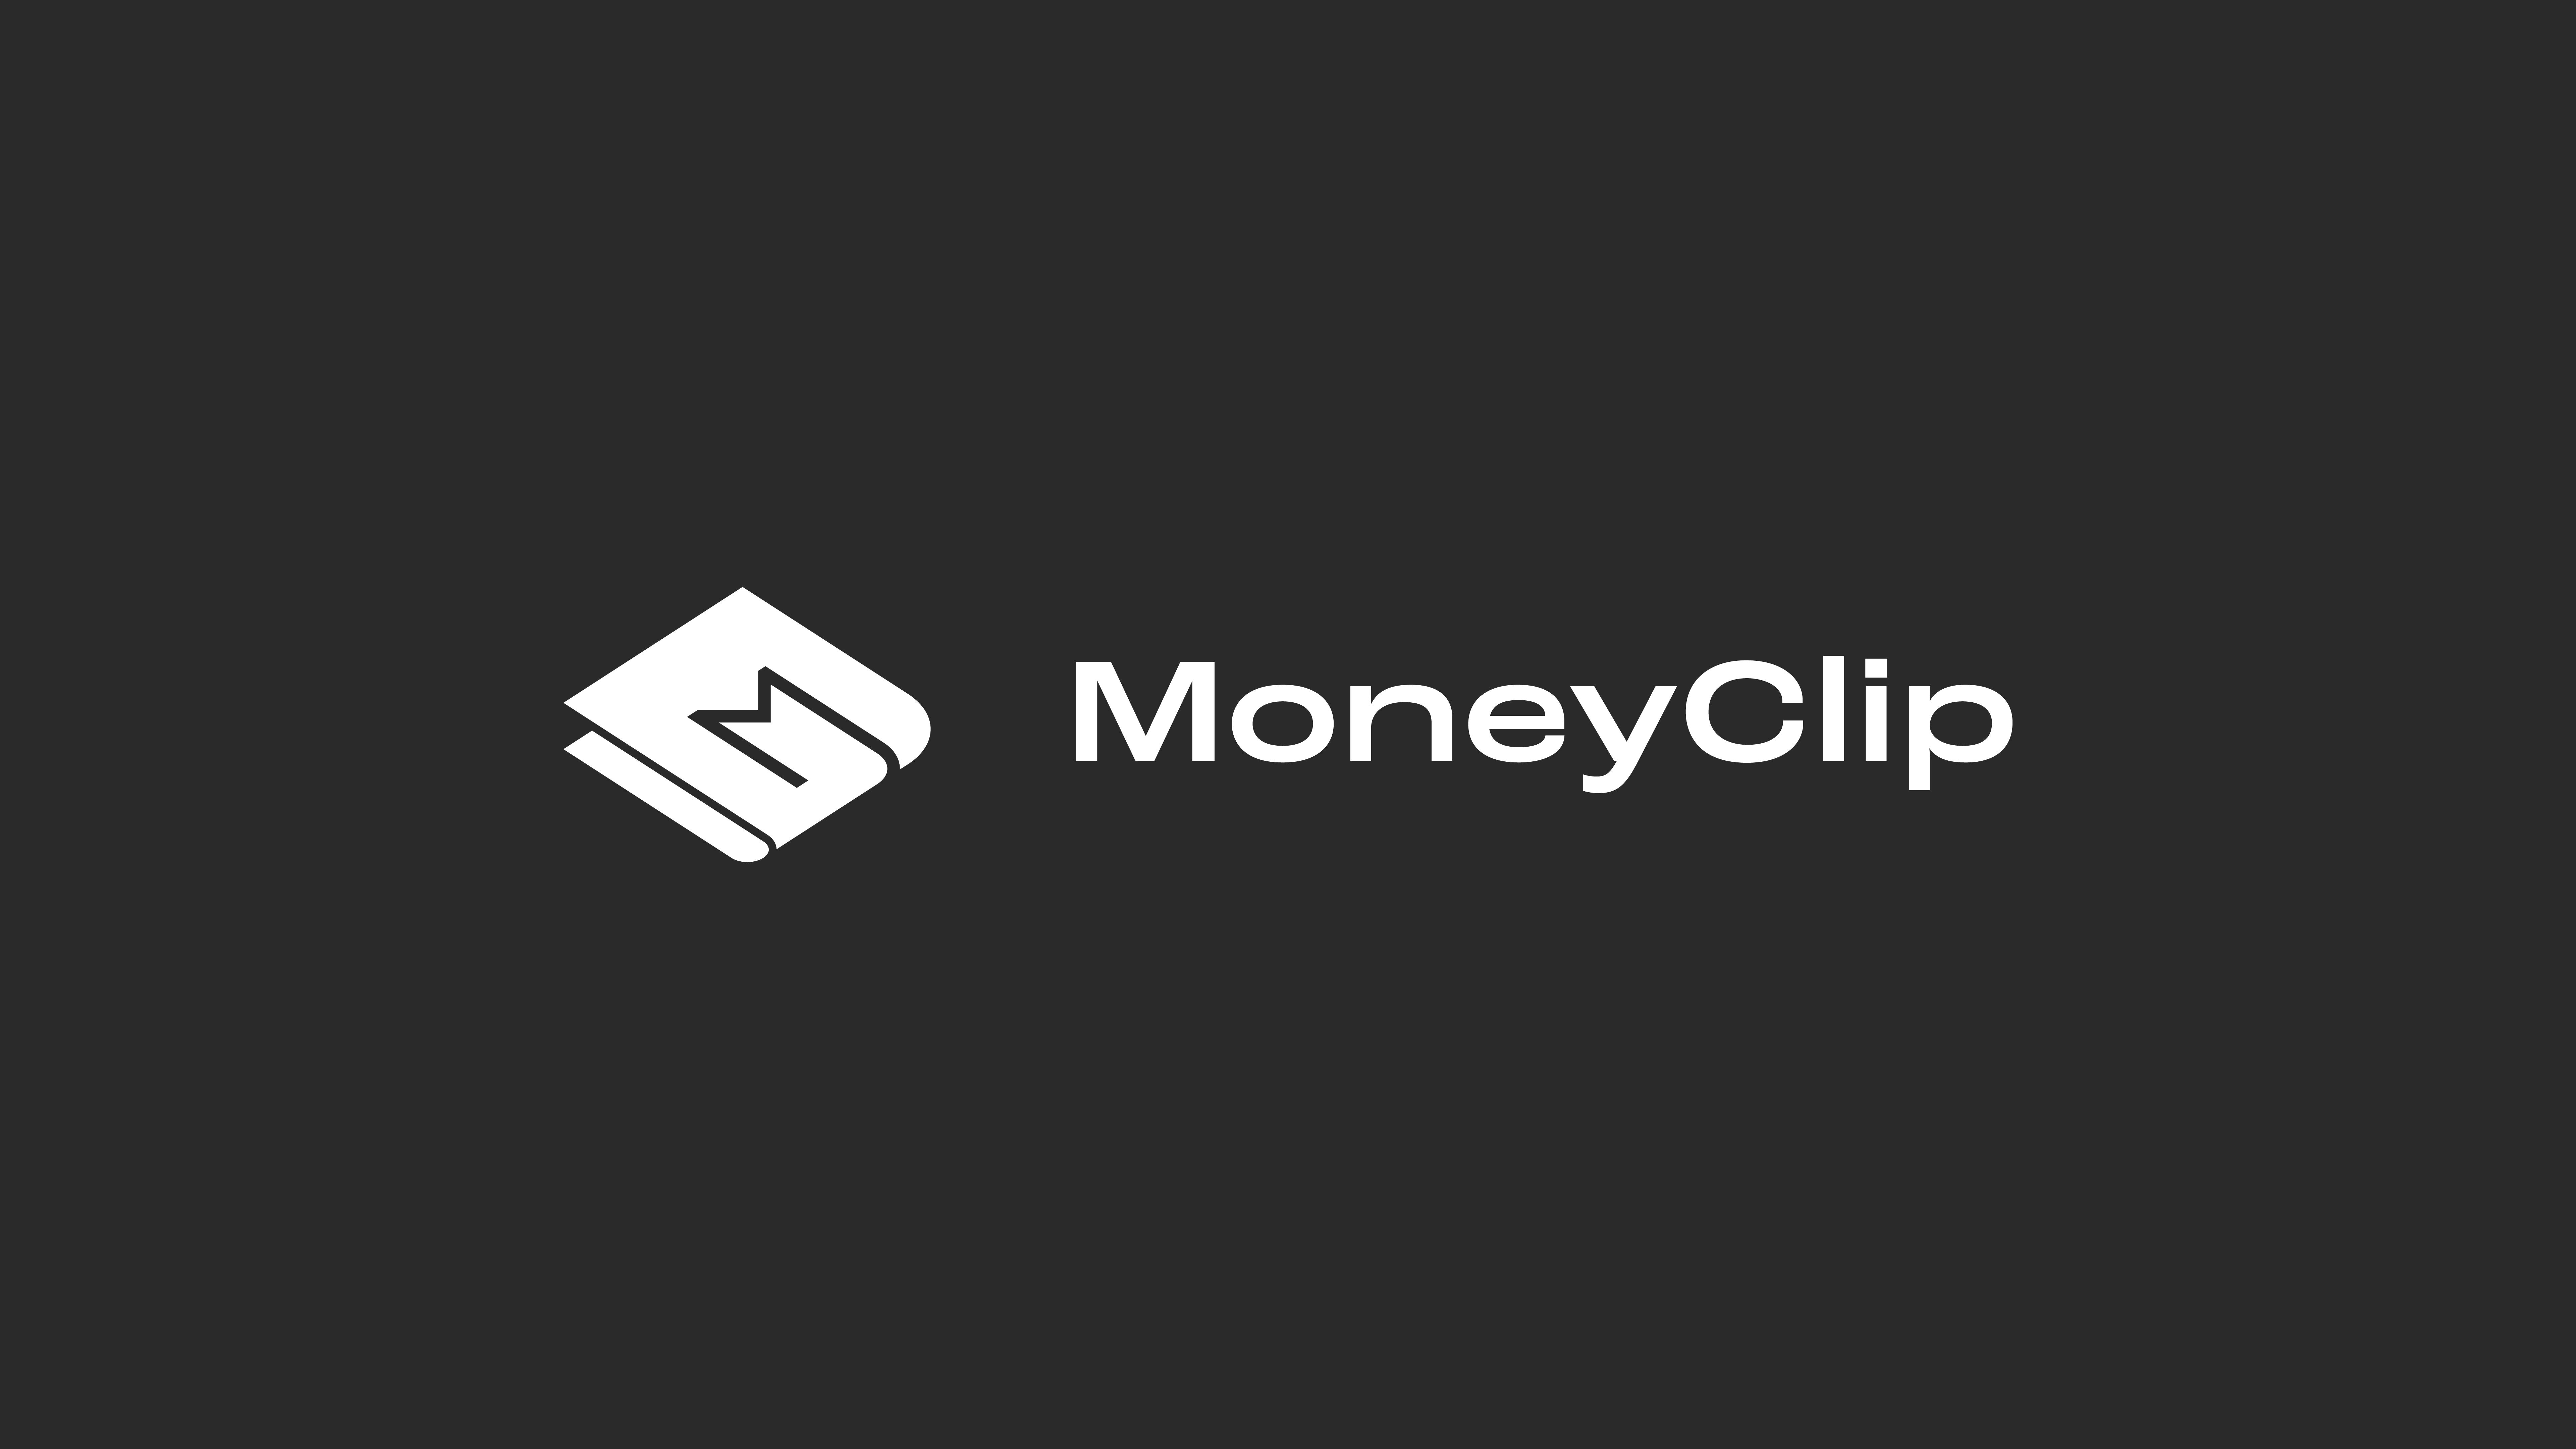 moneyclip-secondary-logo-e